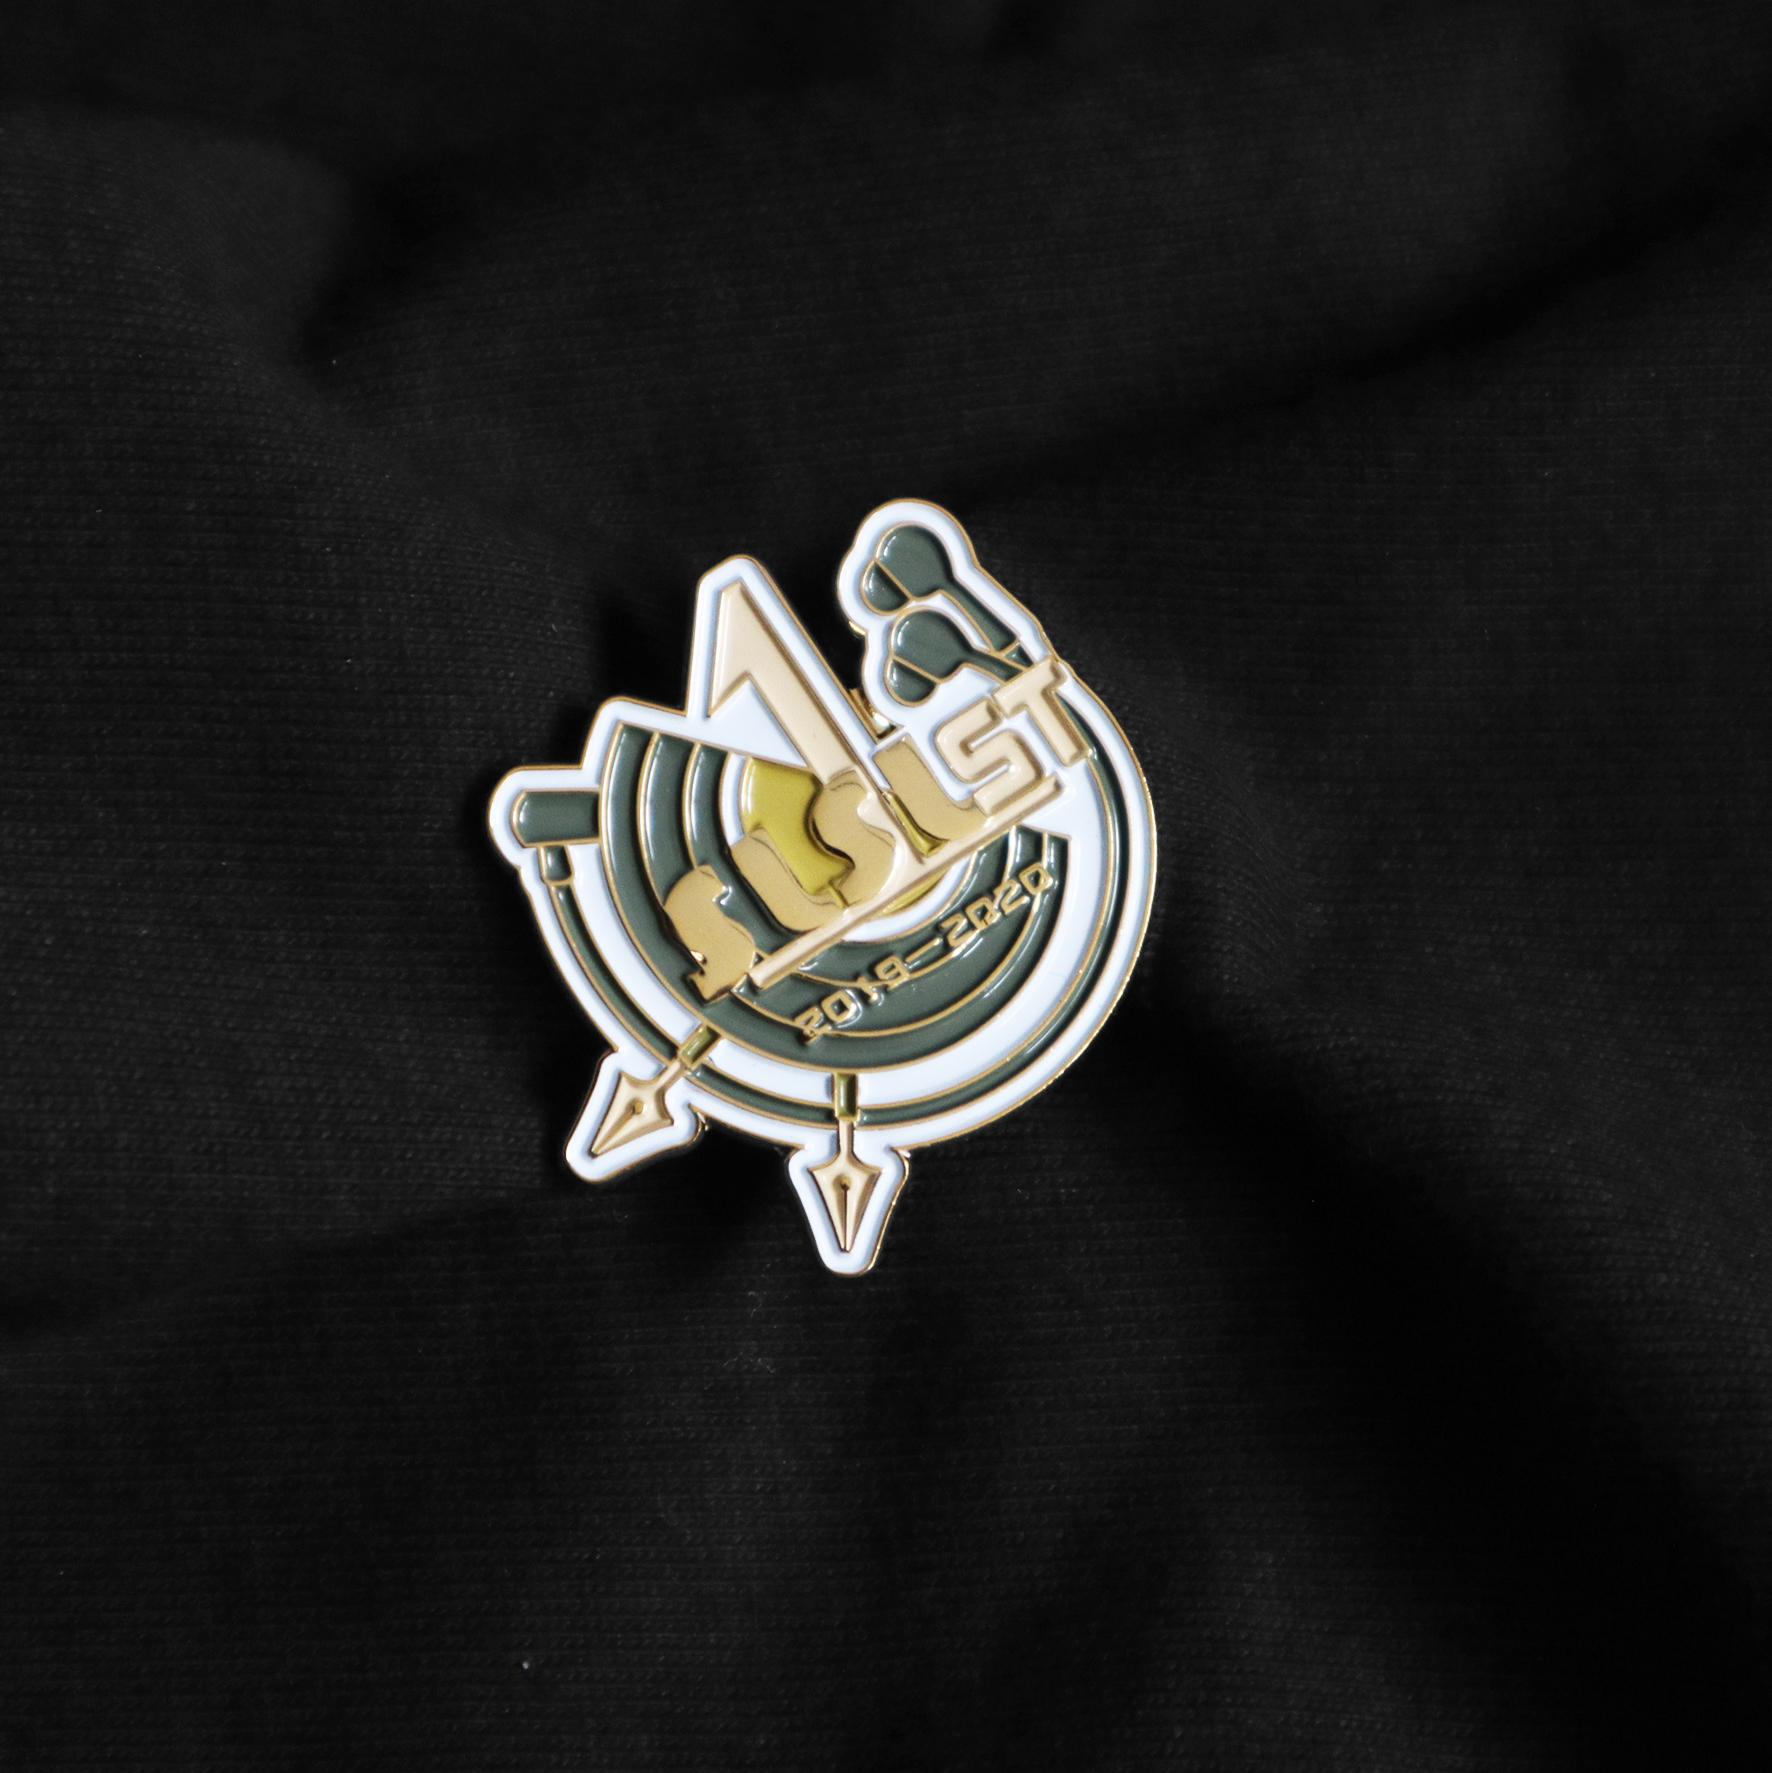 松籟樂創社 - 金屬徽章